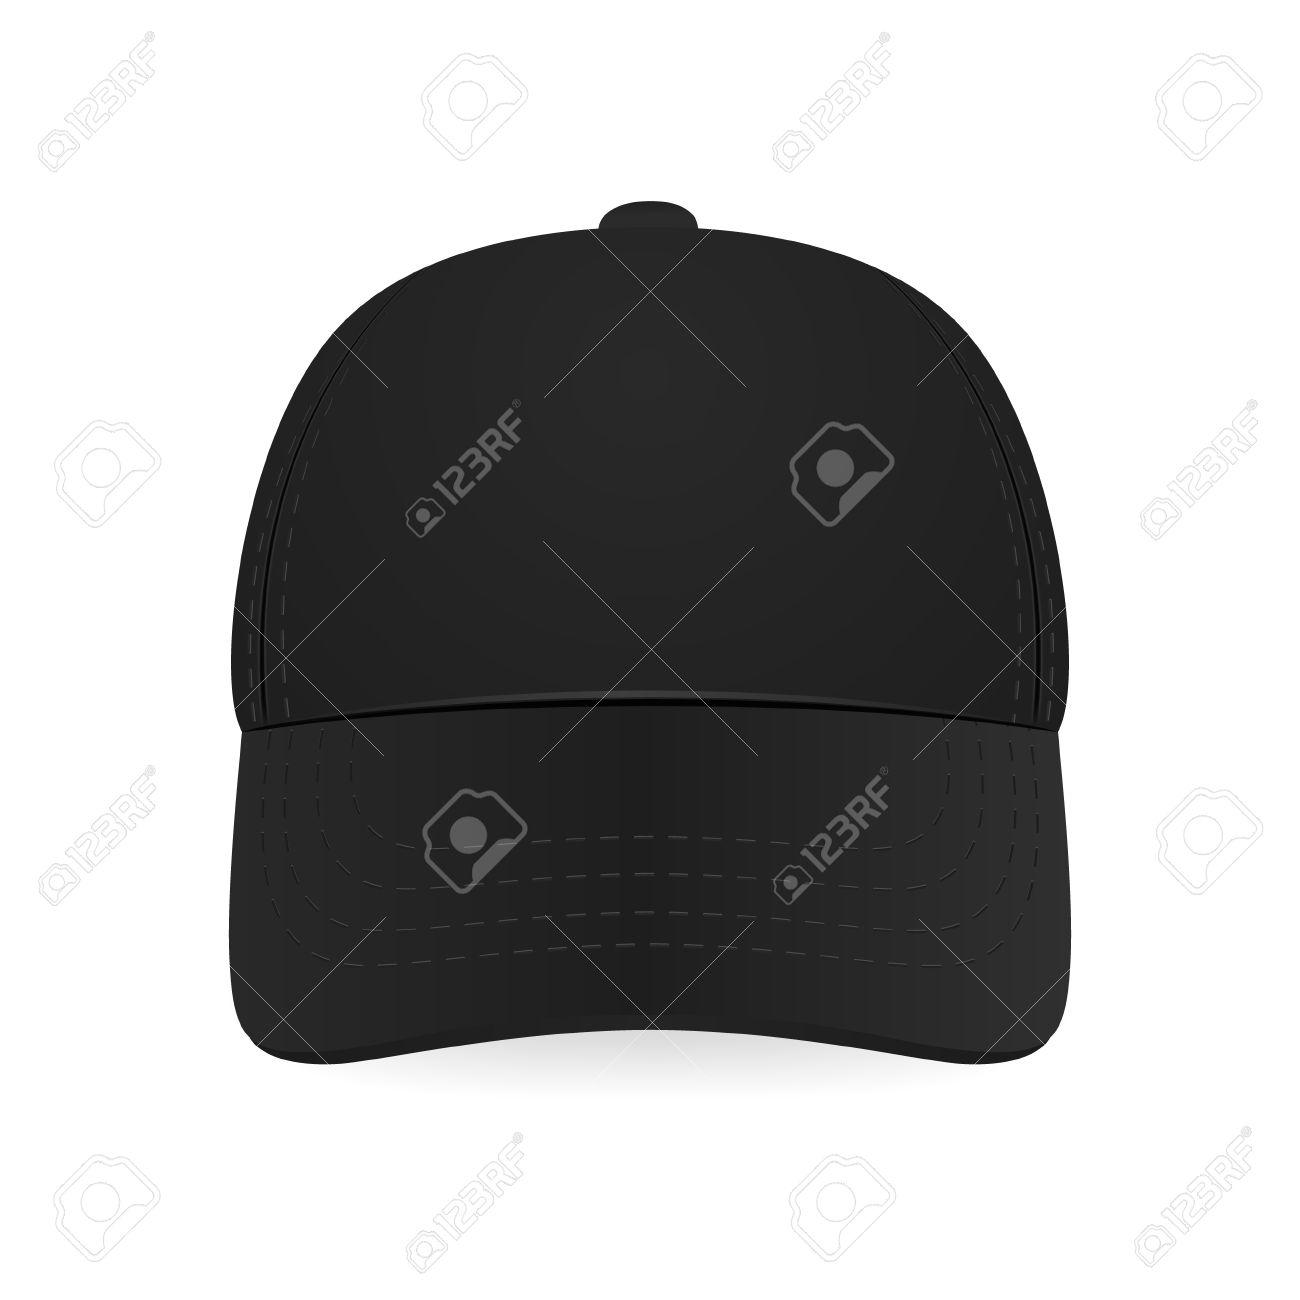 Black baseball cap on white background. Design template. - 37680683